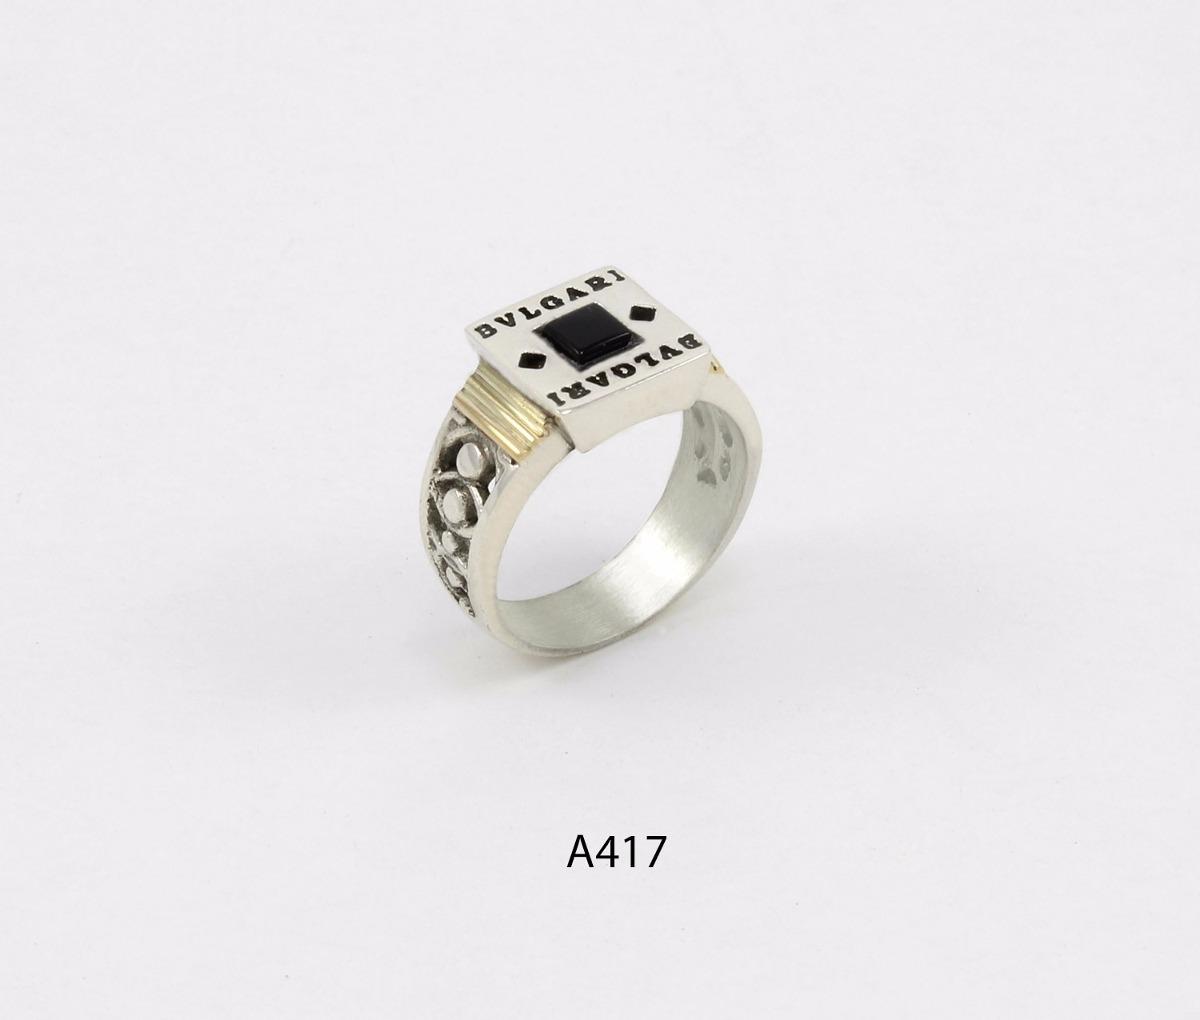 08a68772540f anillo de plata 925 y oro codigo a417 piedra negra. Cargando zoom.